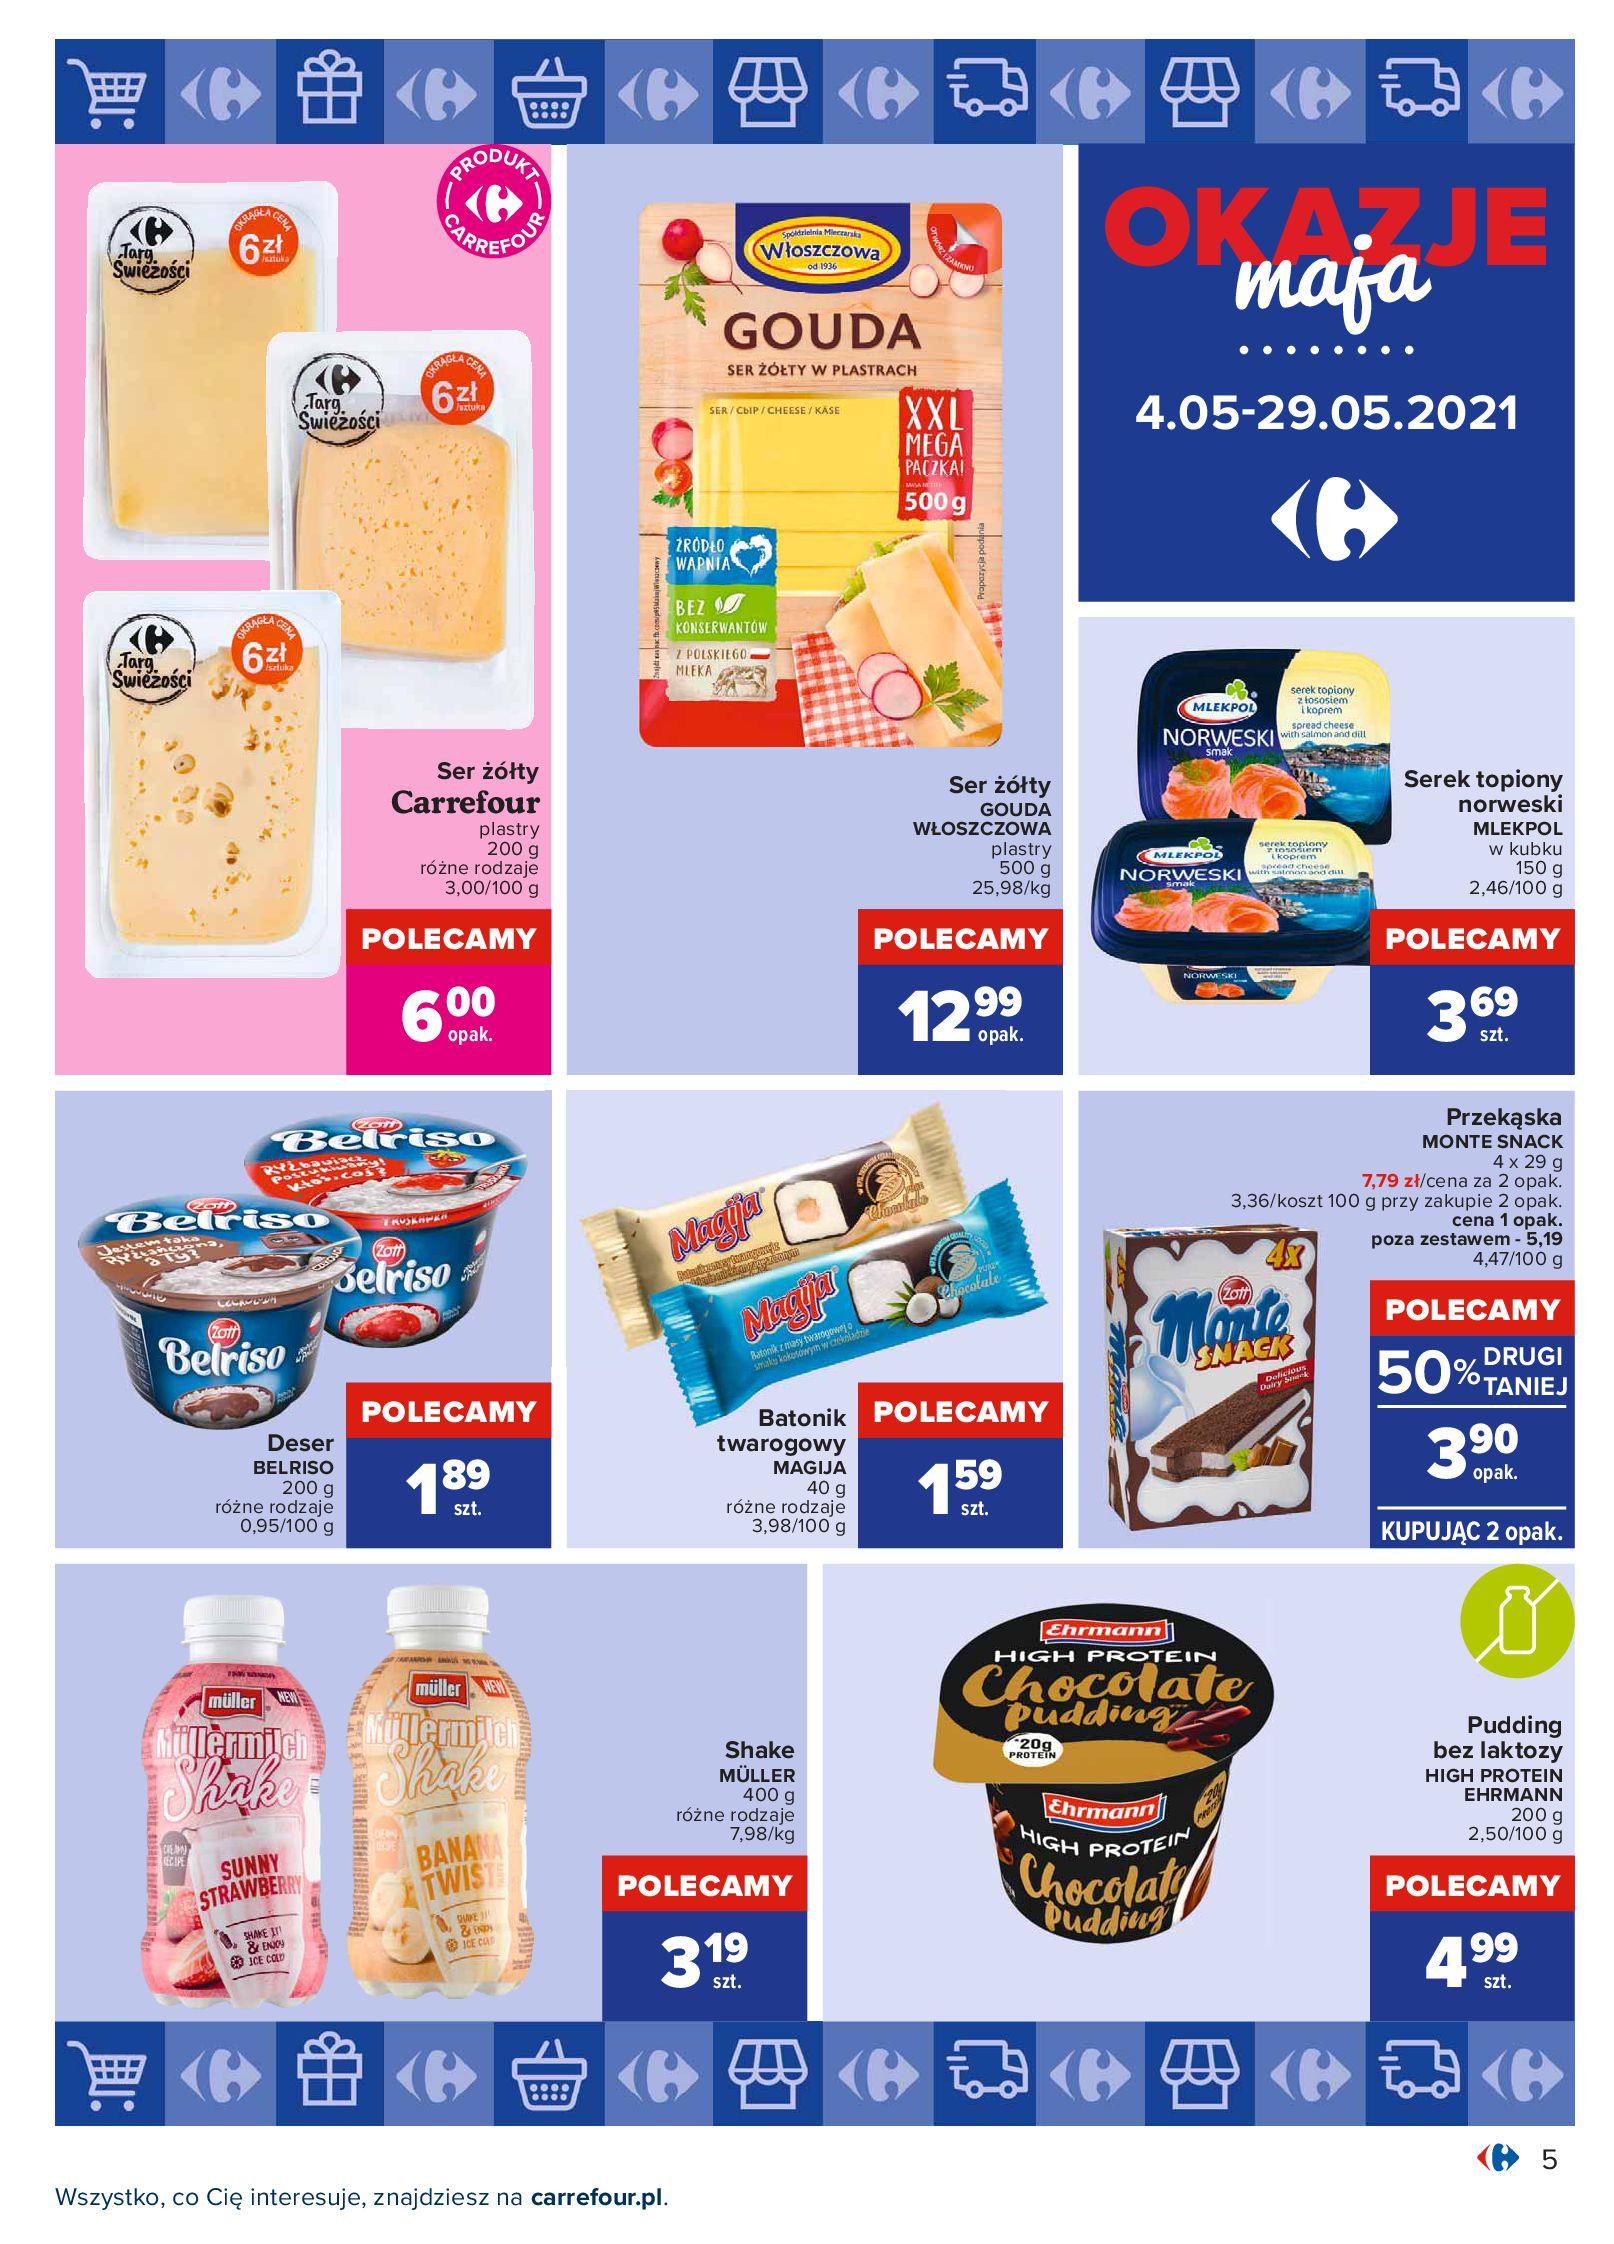 Gazetka Carrefour: Okazje maja 2021-05-04 page-5